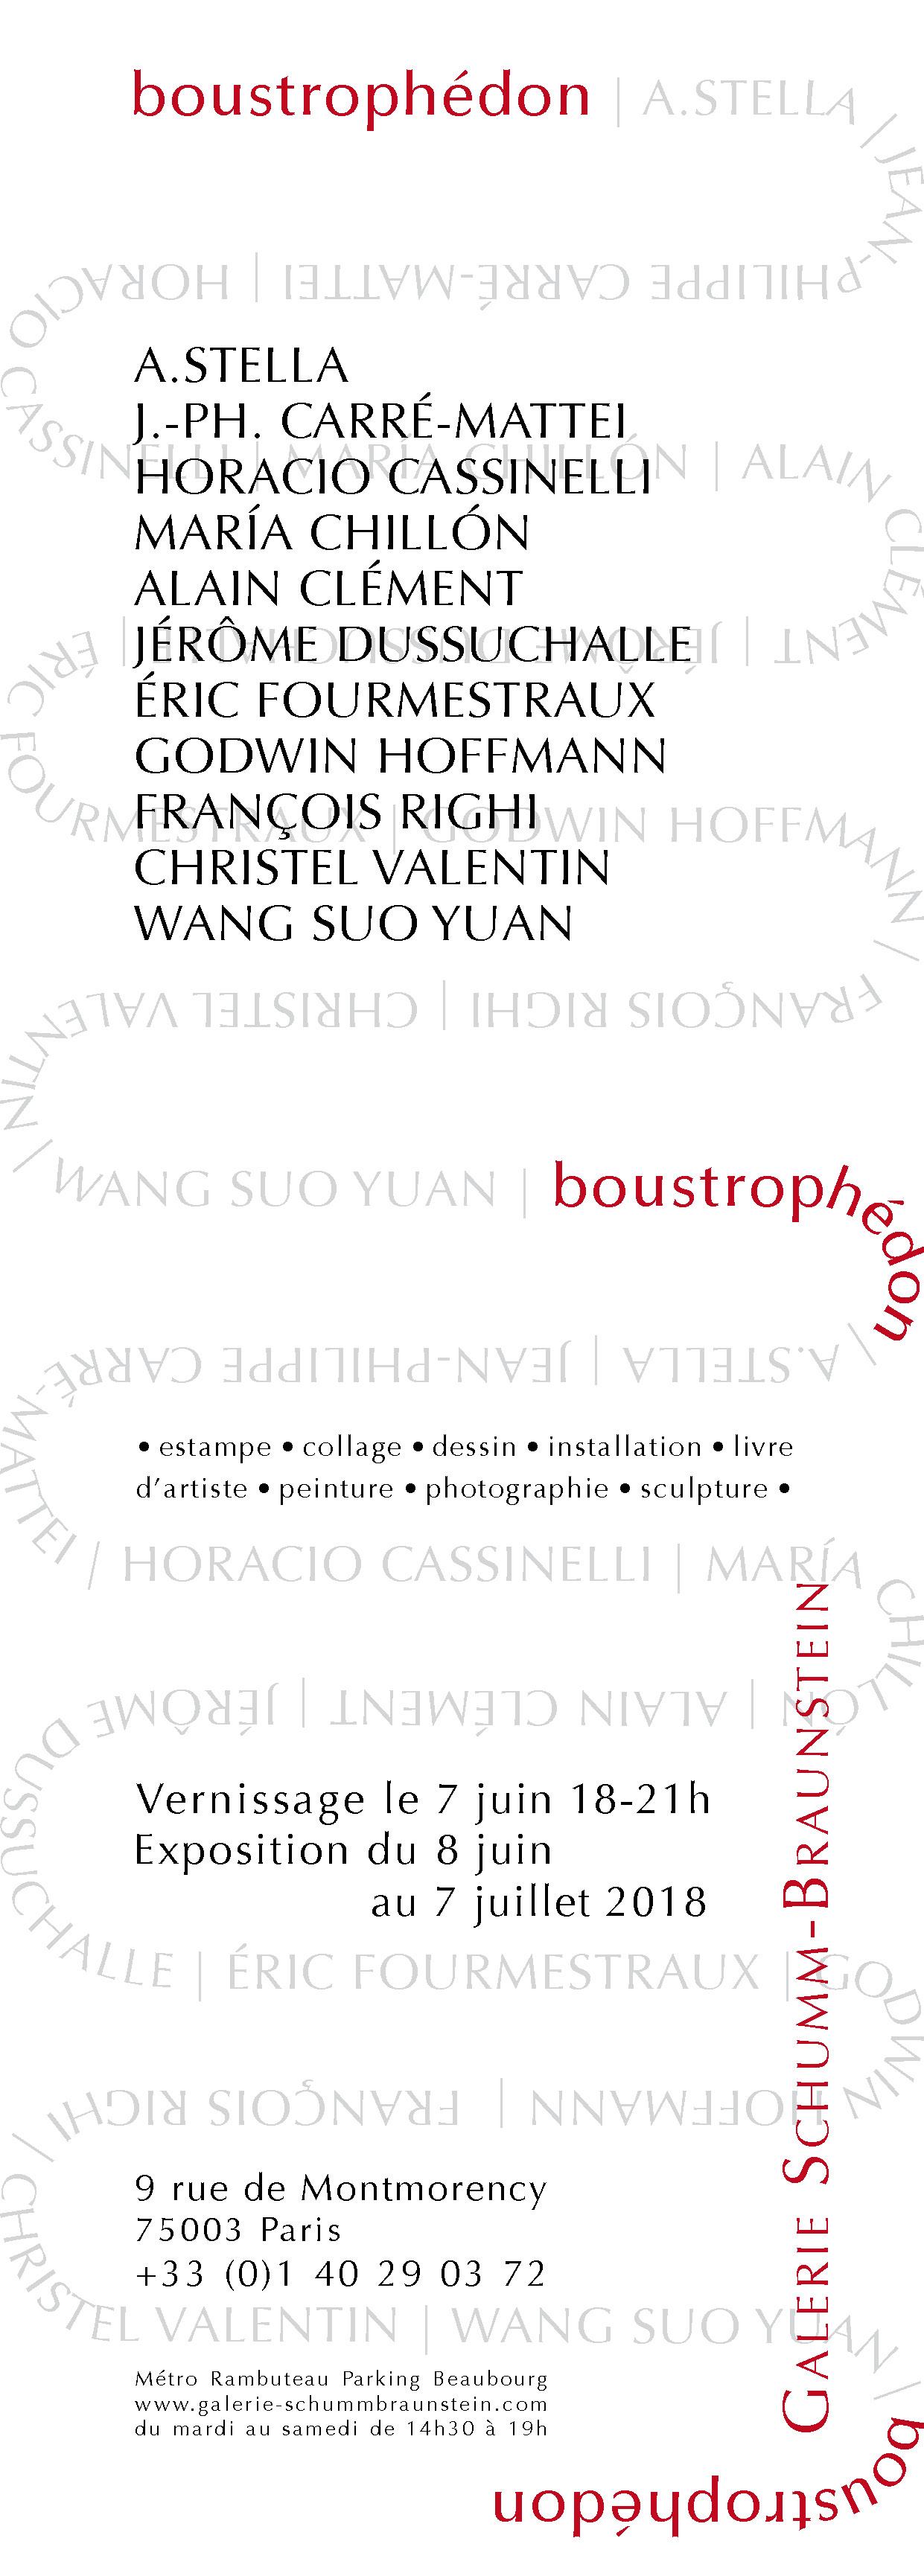 boustrophédon-GSB